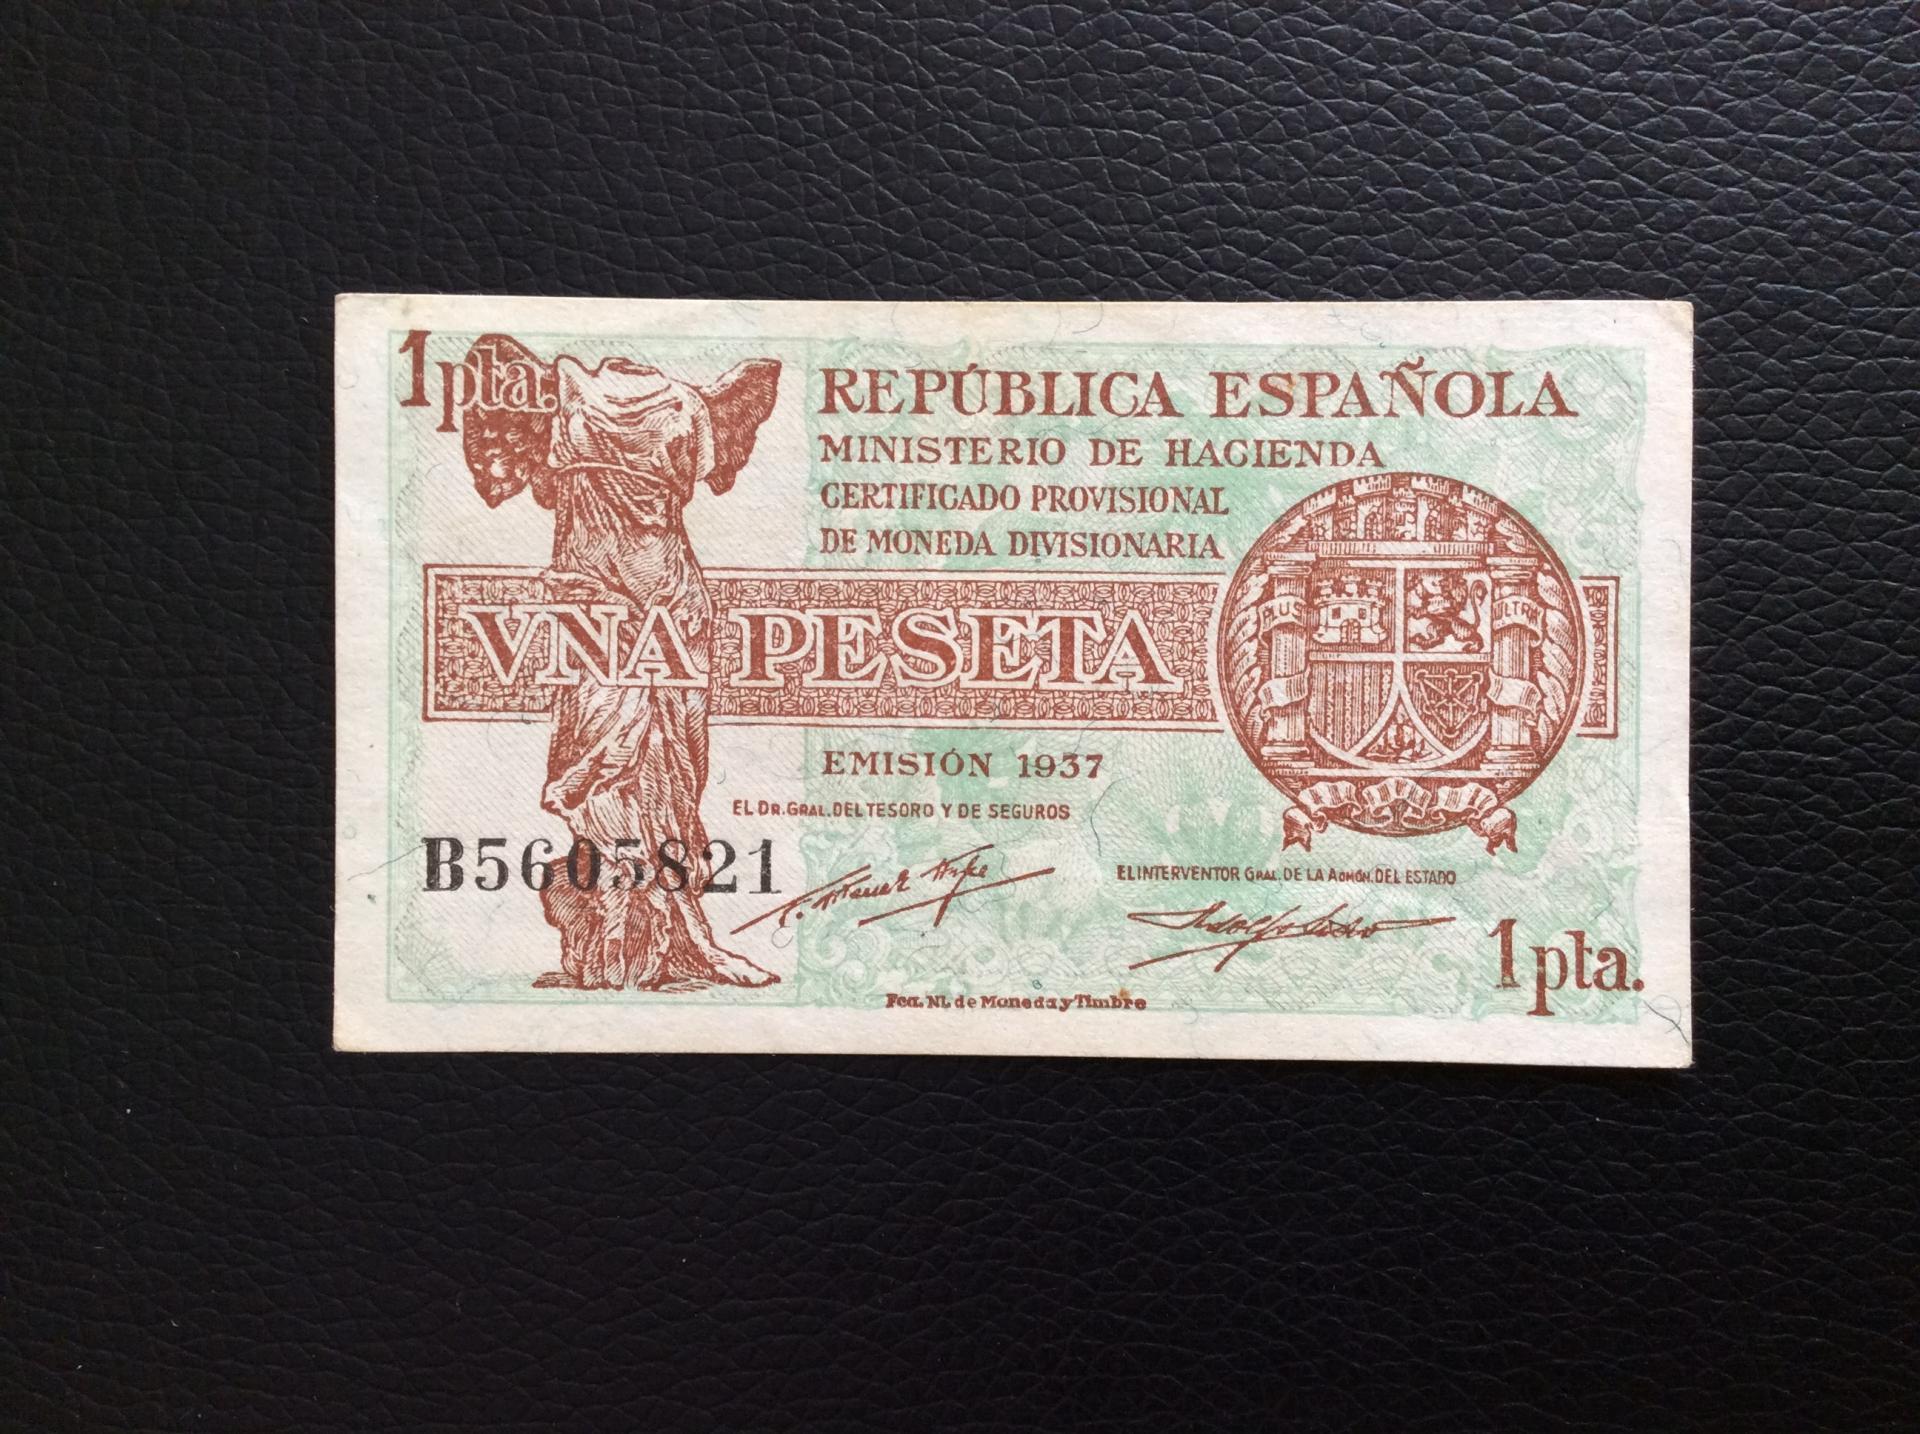 1 PESETA 1937 - MINISTERIO DE HACIENDA - MADRID - PLANCHA